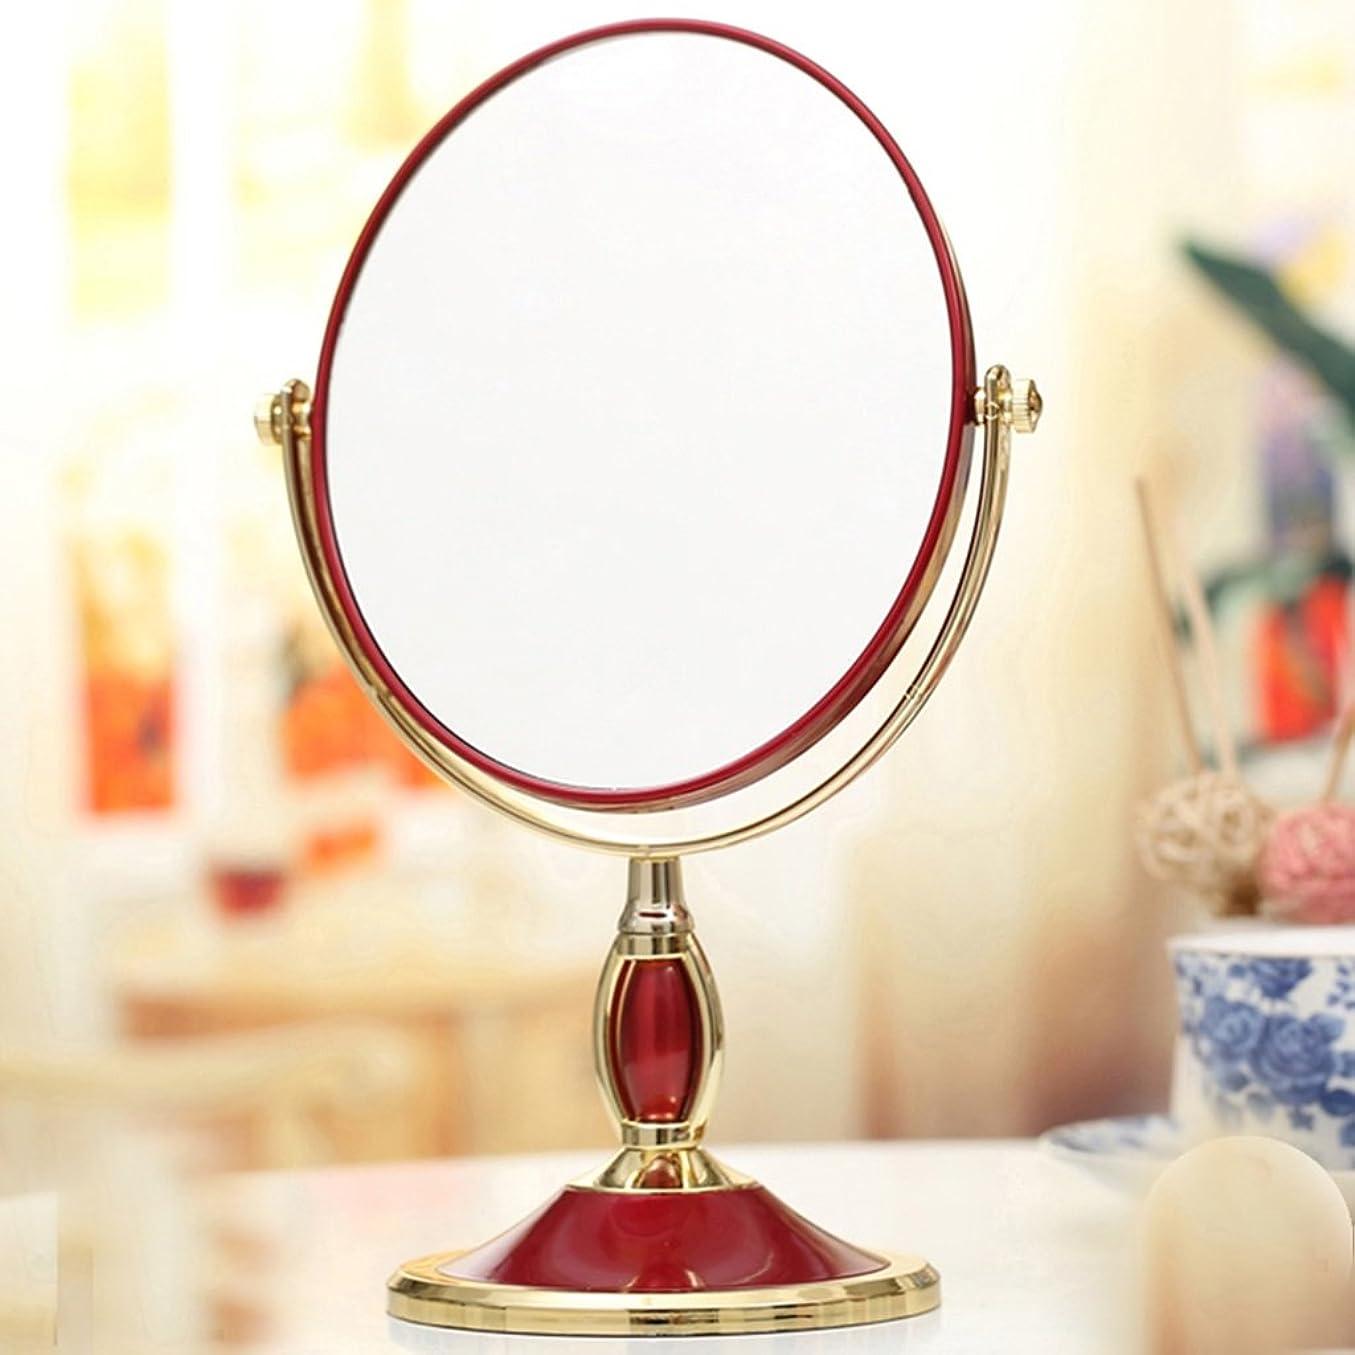 定義する並外れて達成DNSJB デスクトップ化粧鏡ヨーロッパミラーミラーポータブル結婚プリンセスミラーの3倍の高精細拡大鏡テーブルミラードレッシング両面 (Color : Wine Red)